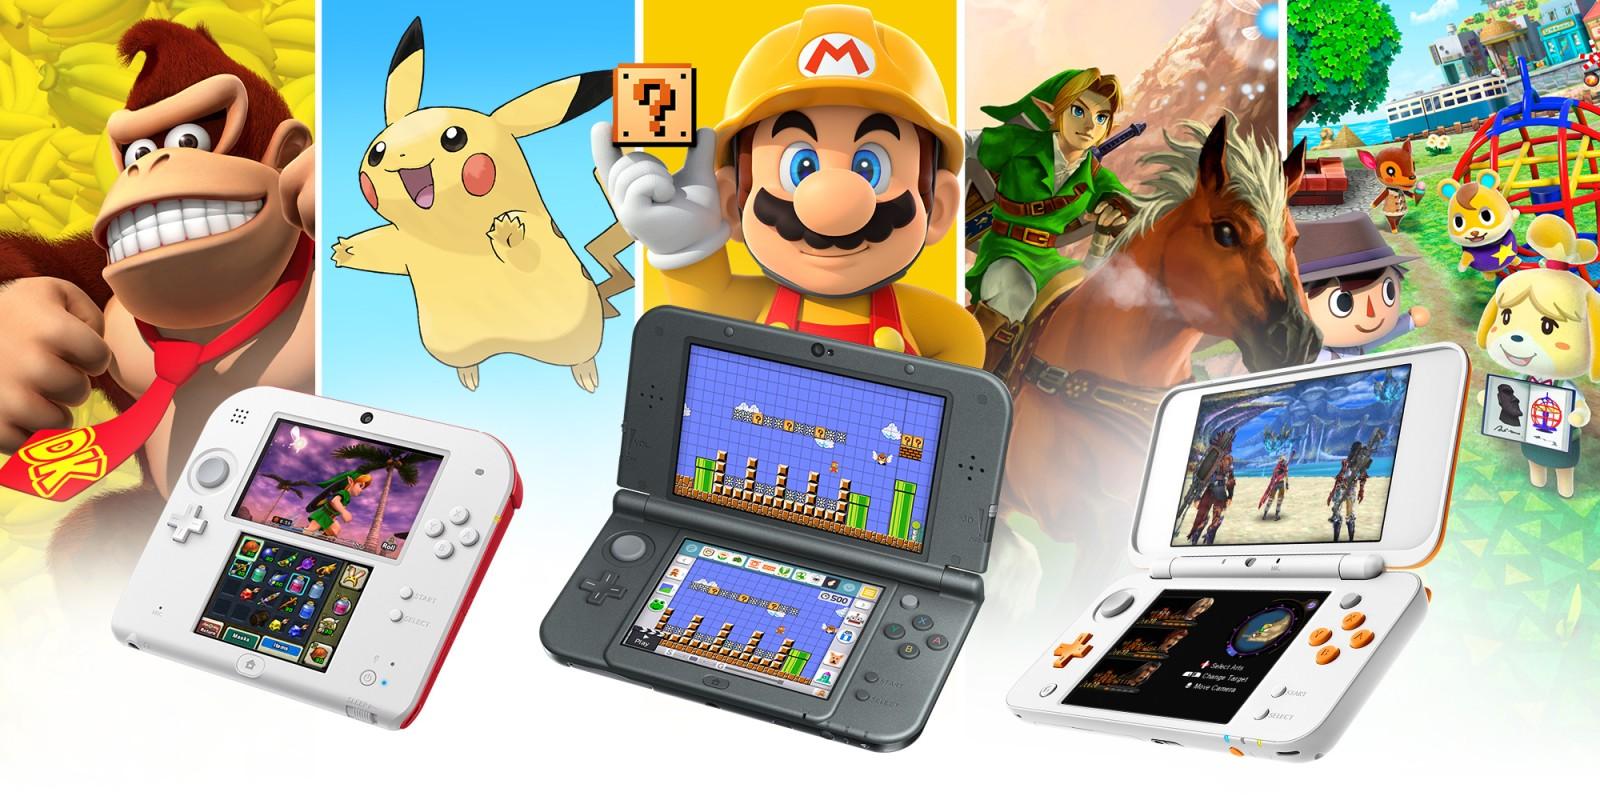 """Doug Bowser reafirma que não há novos jogos para o Nintendo 3DS a serem anunciados, mas que """"os negócios ainda estão indo muito bem"""""""